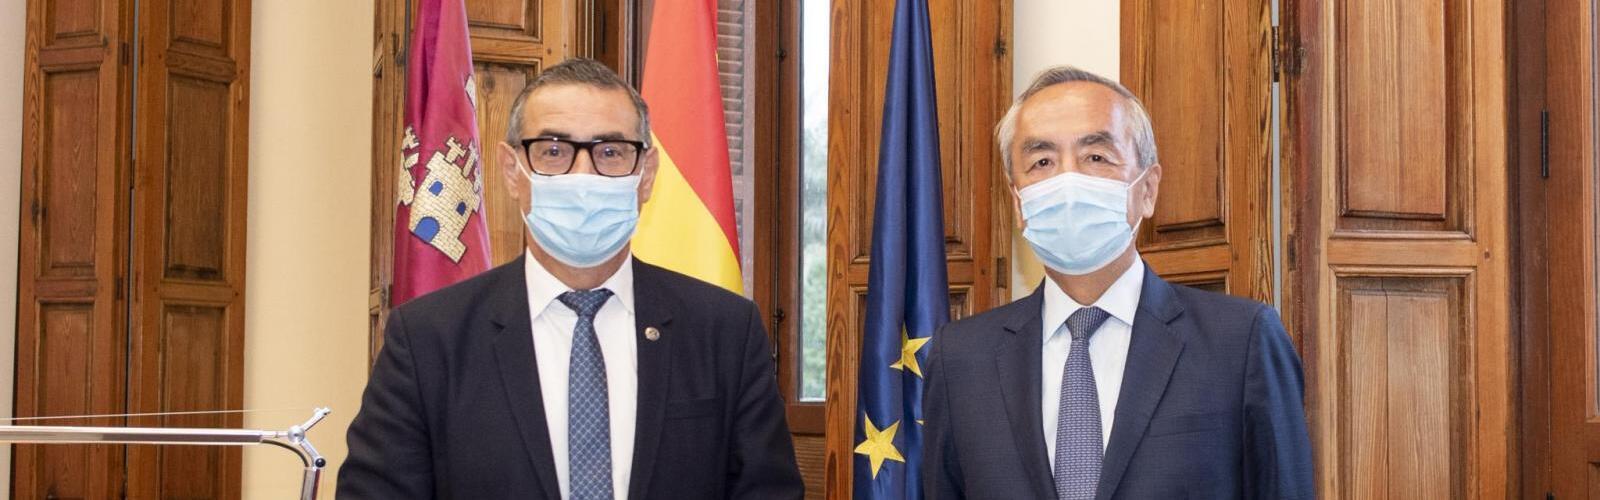 El embajador de Japón en España visita la UMU